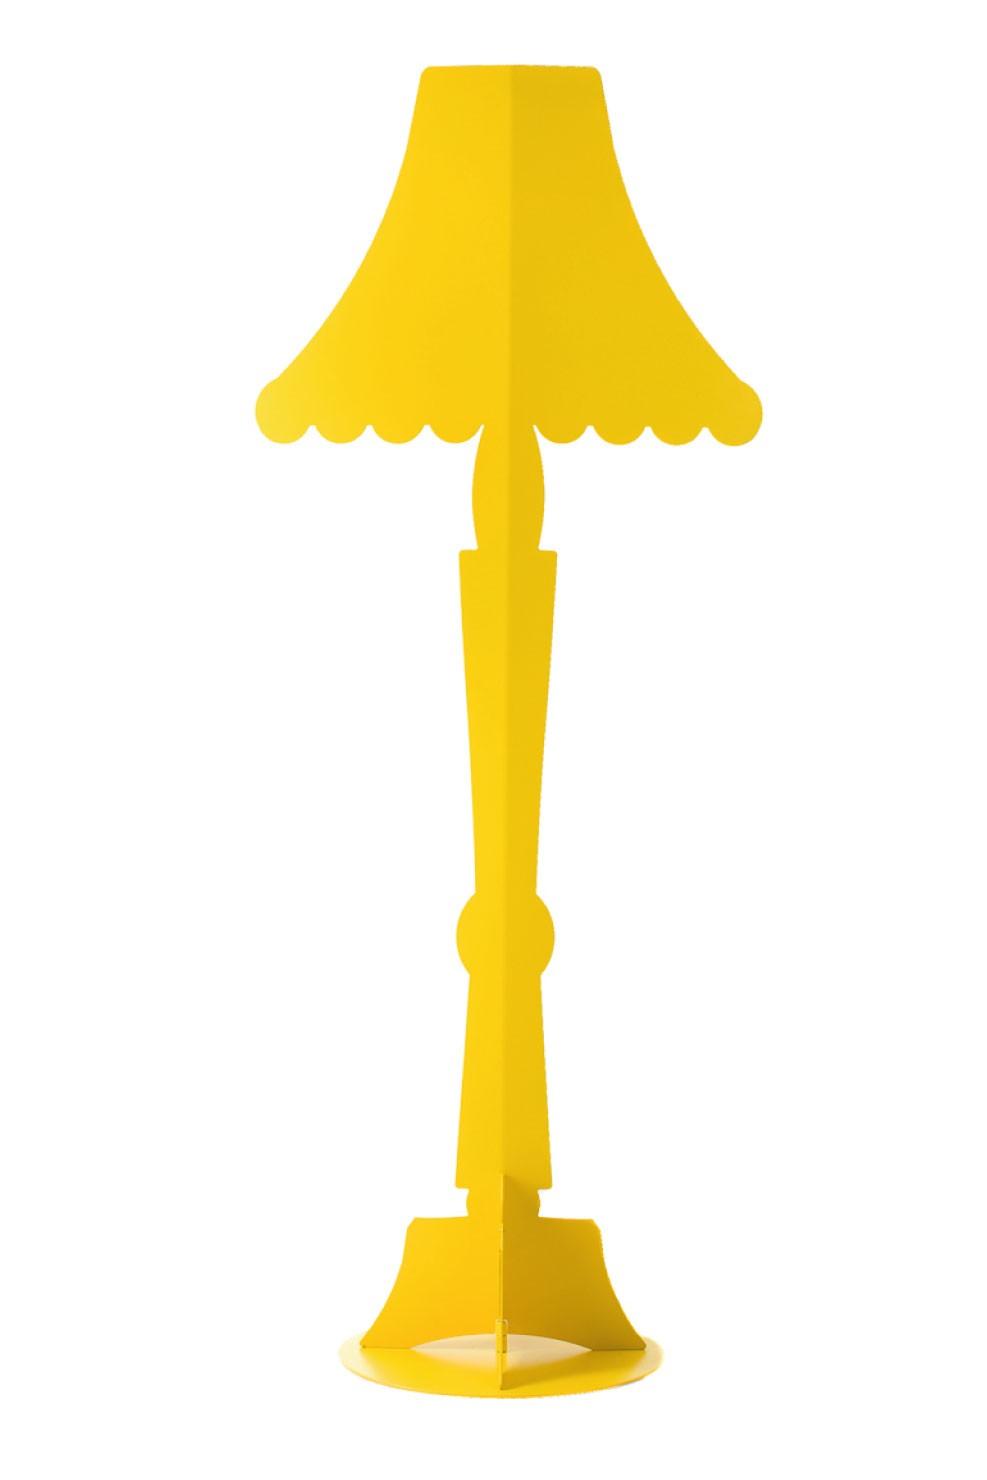 HomeShopFloor Lamp Āhua Classic Yellow. Lampada Da Terra Gialla Avanti